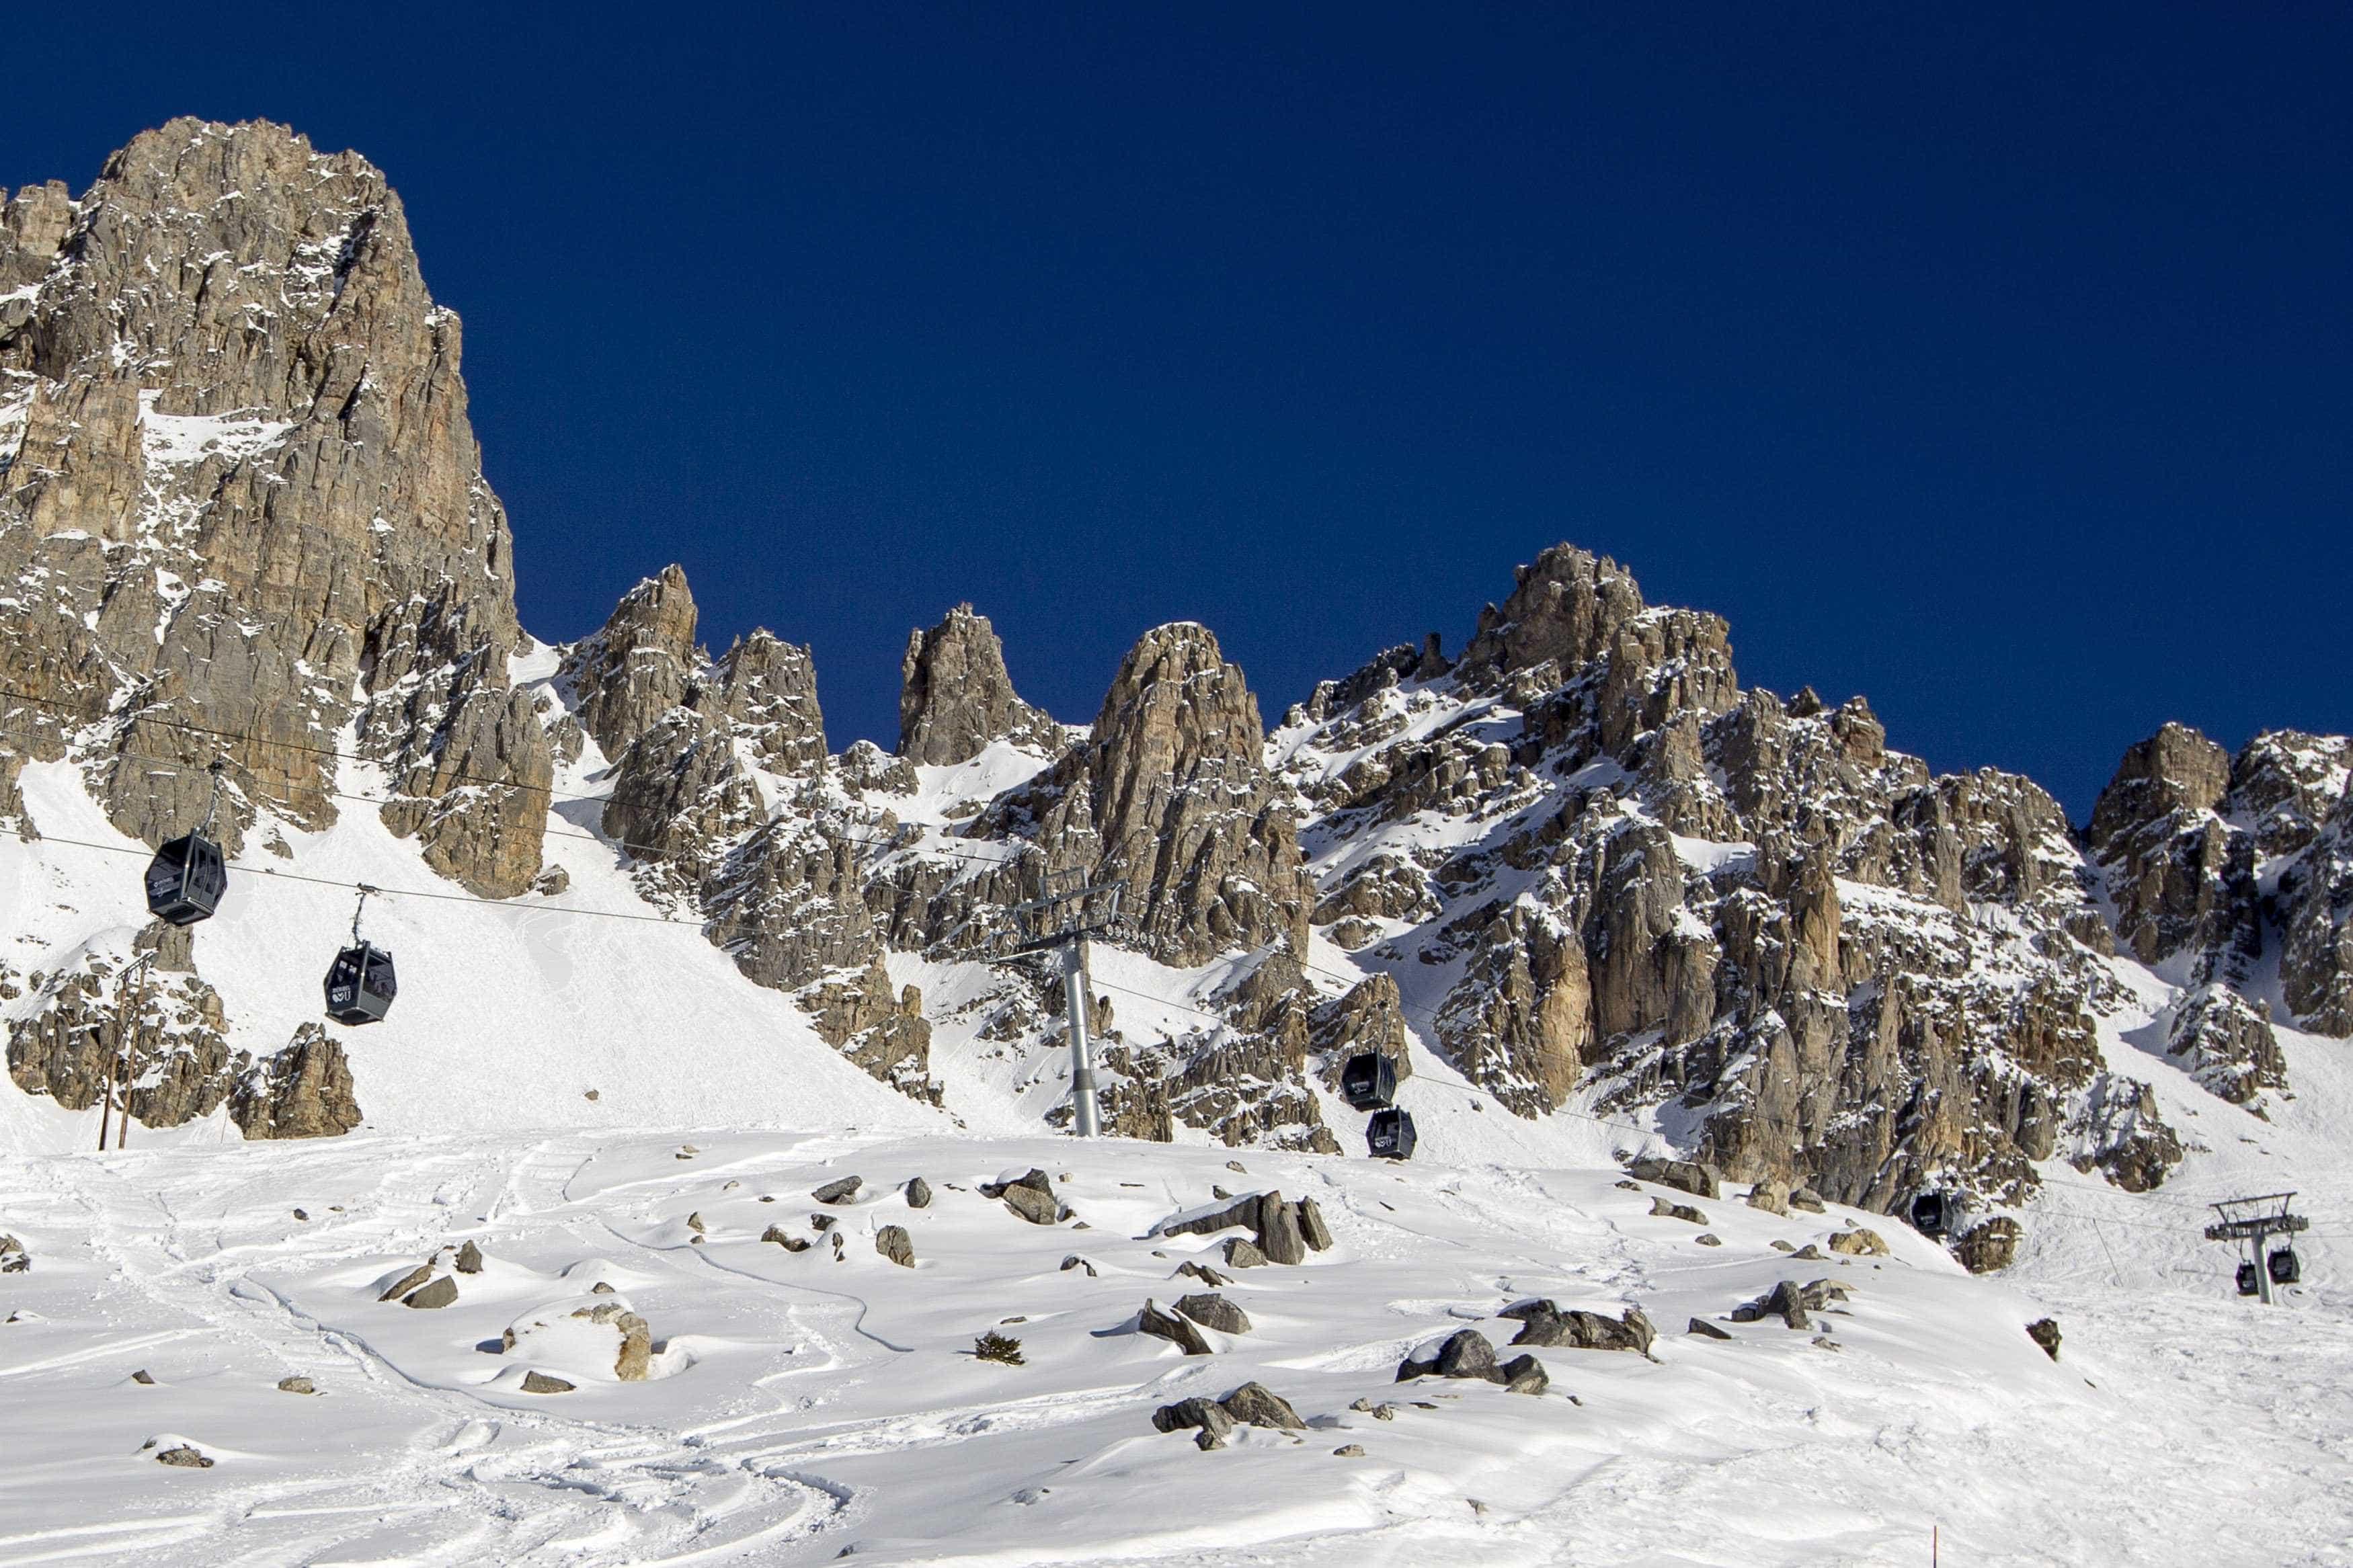 Recuperados corpos dos alpinistas desaparecidos em avalanche no Canadá